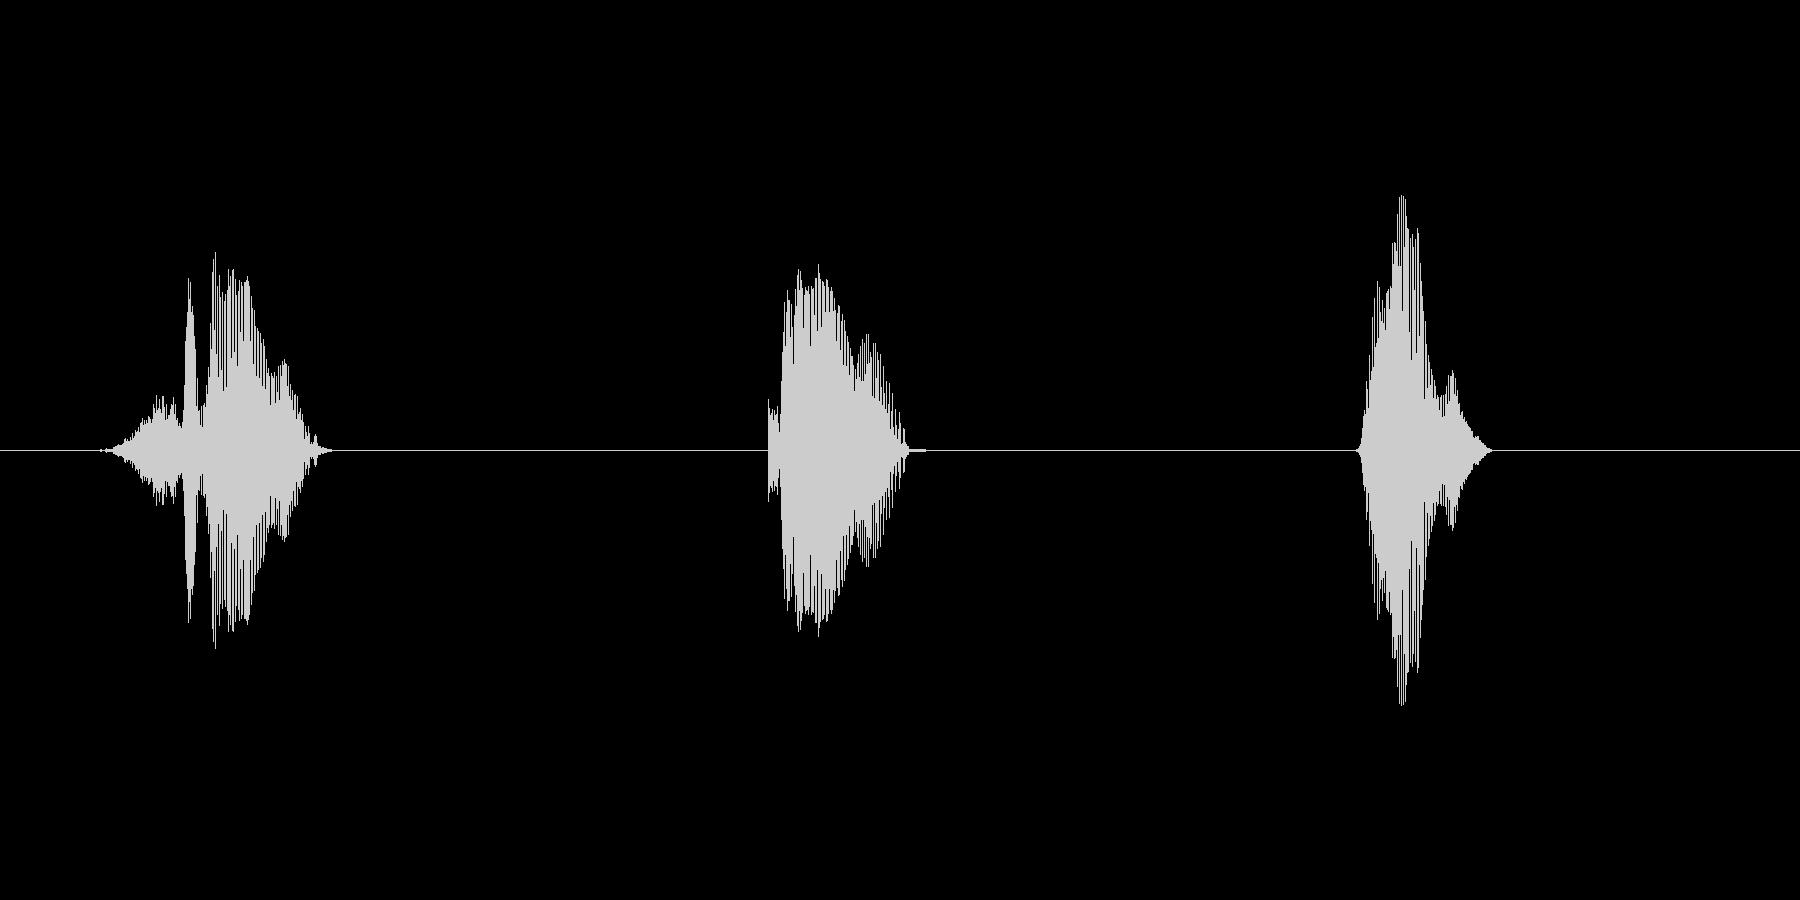 321、スリートゥーワン(女性)'s unreproduced waveform